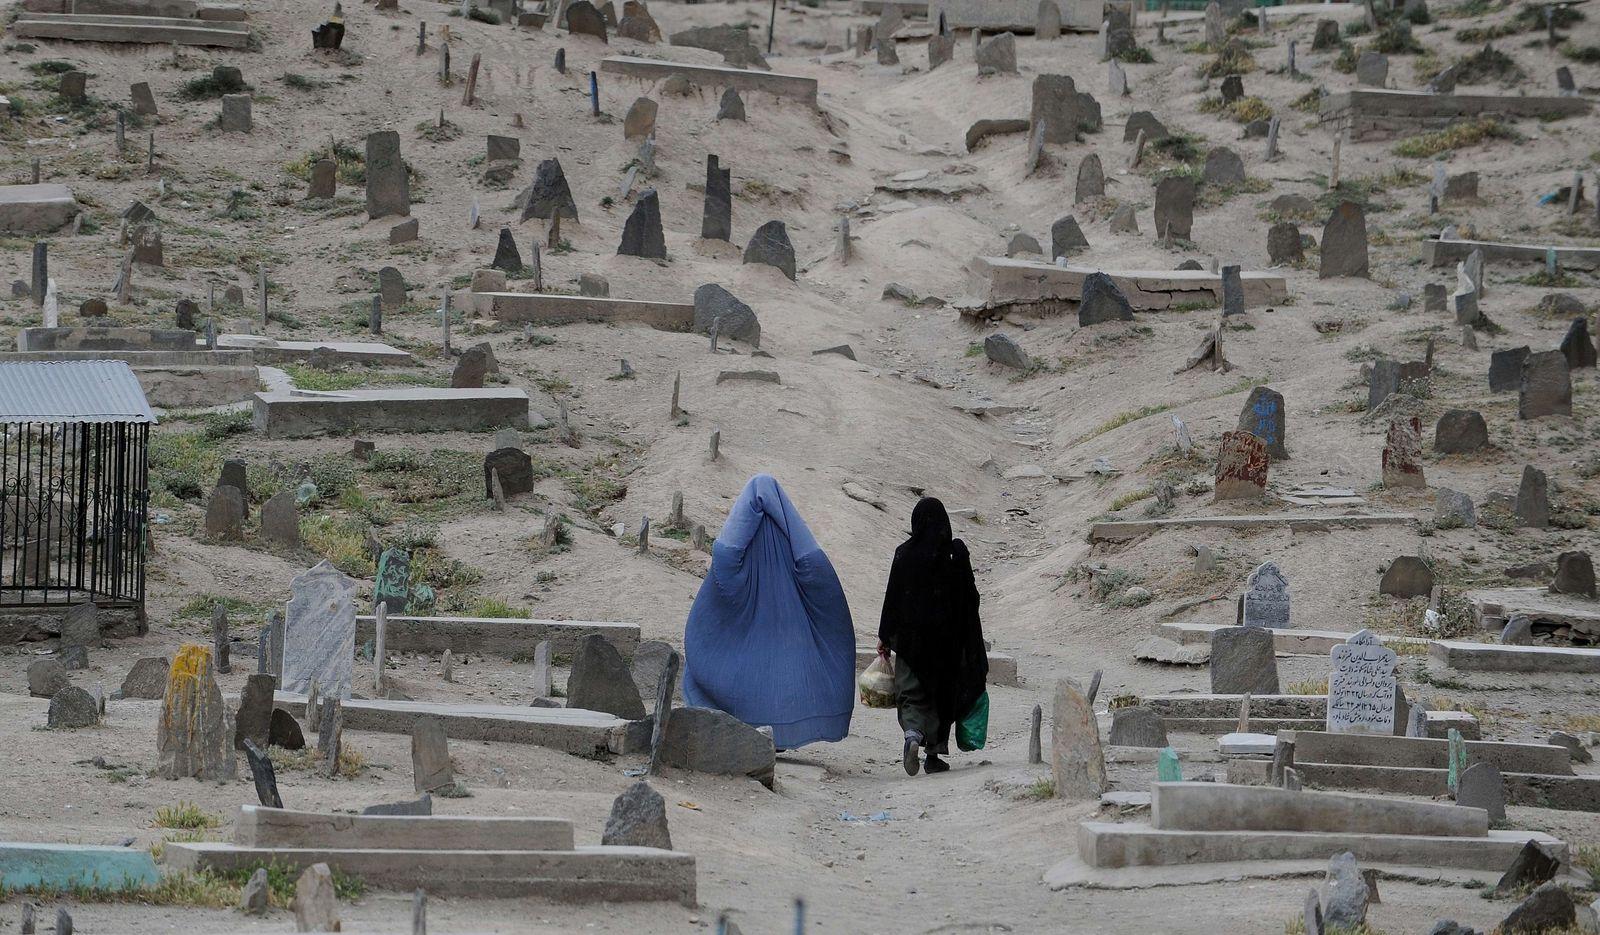 Frauen mit Burka in Afghansistan